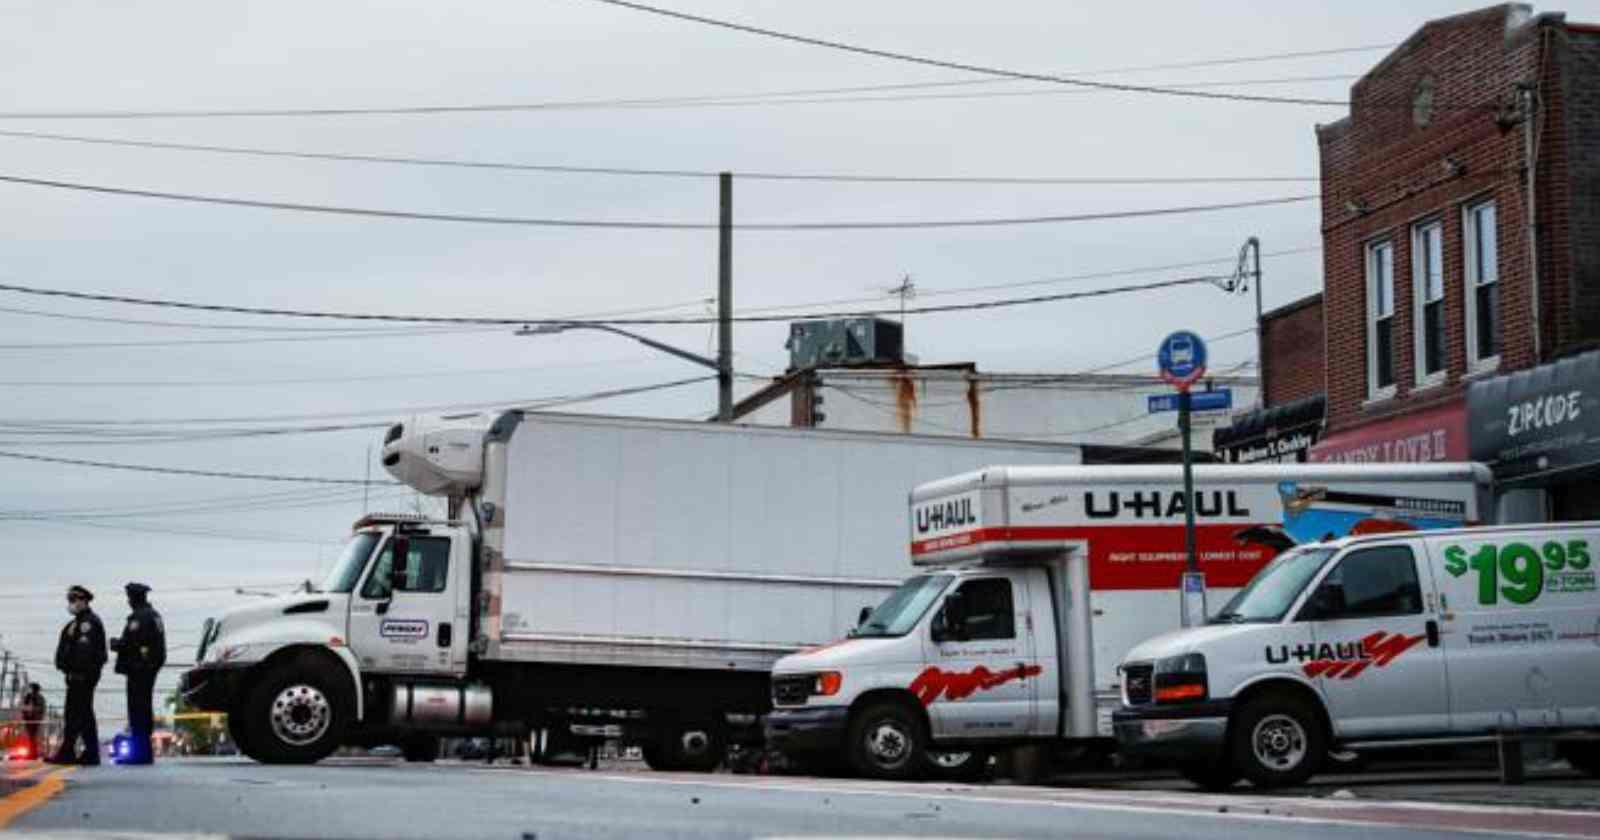 Nueva York: encuentran decenas de cadáveres en camiones de mudanza